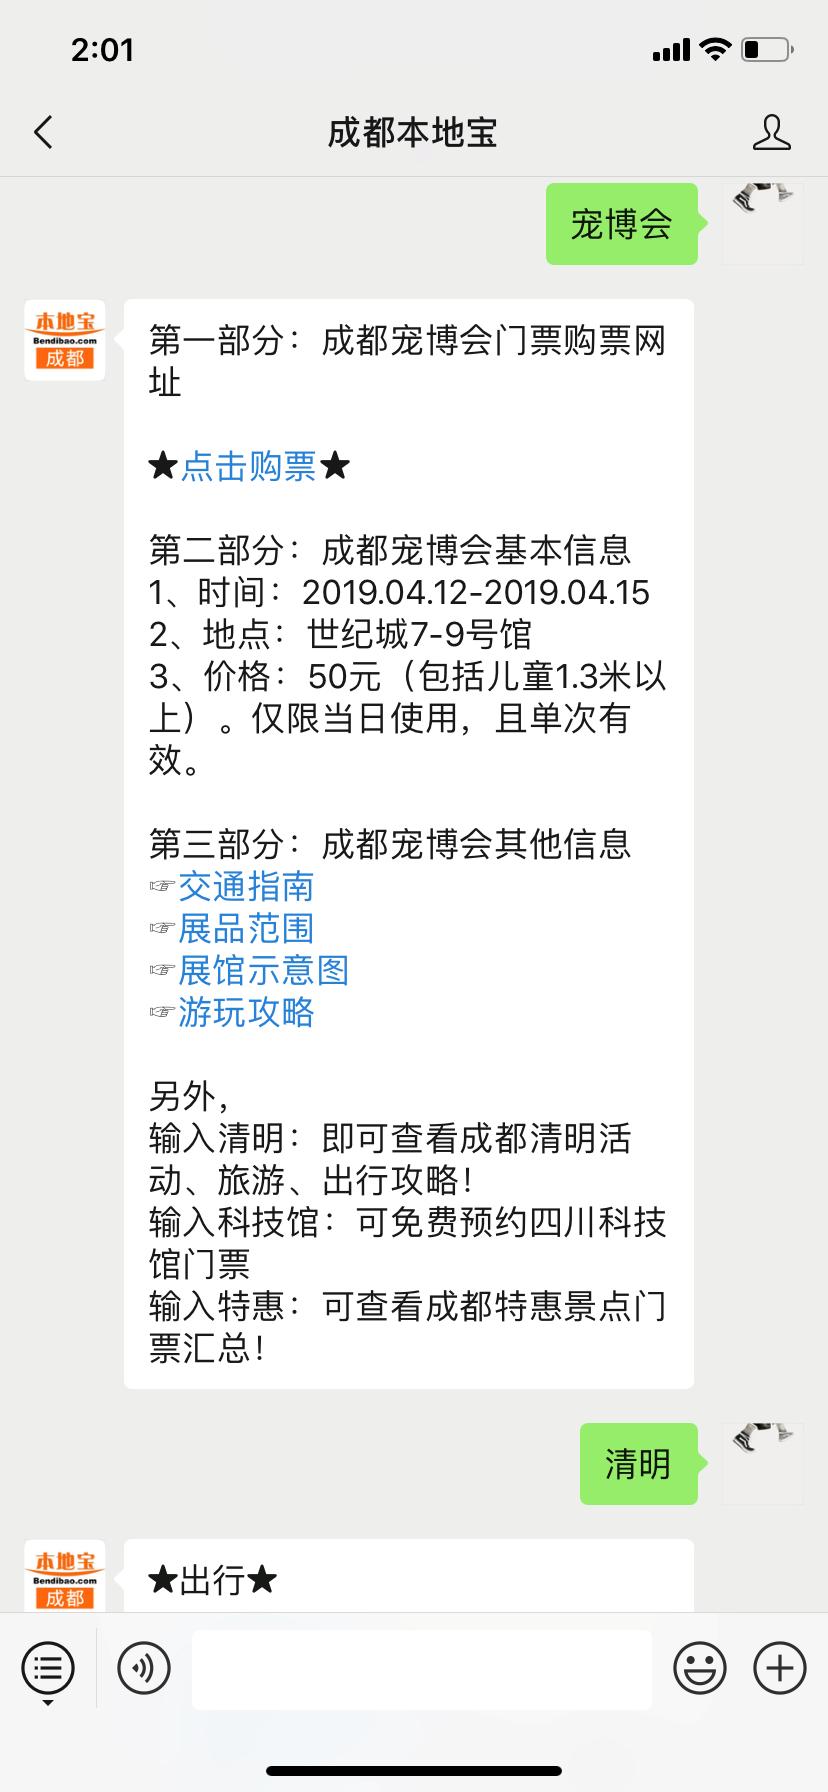 2019第八届成都国际宠博会(时间 地点 门票)